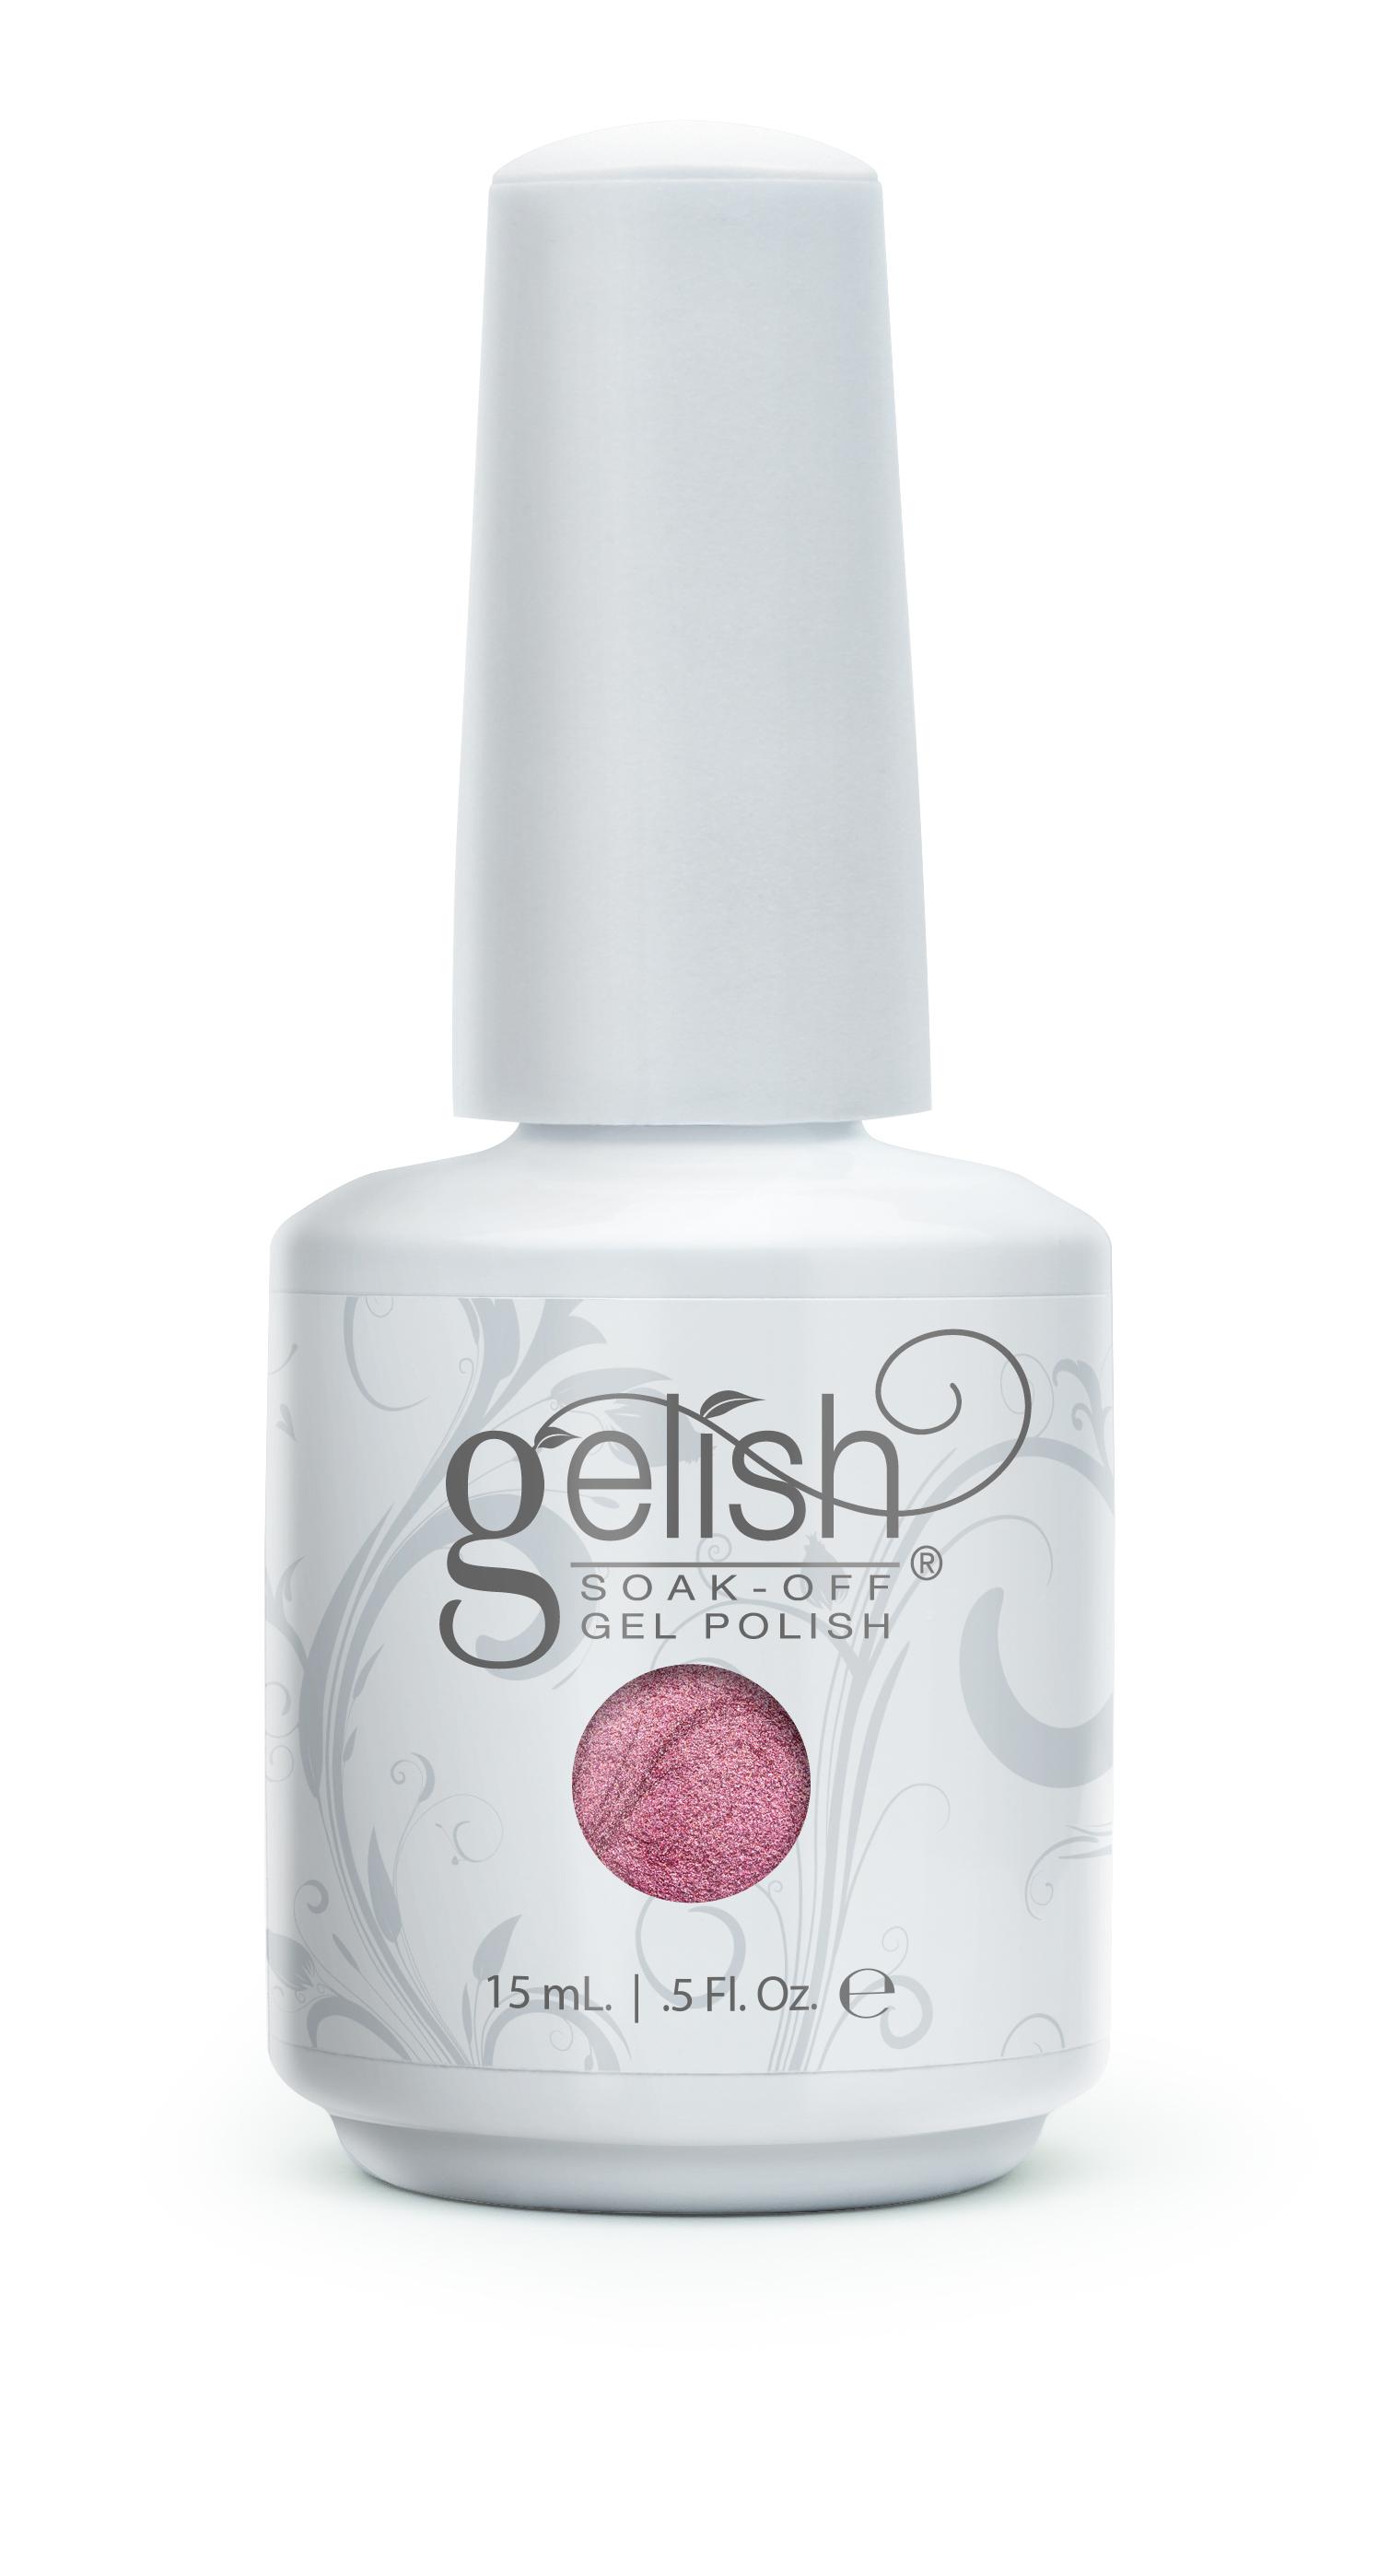 GELISH Гель-лак Last Call / GELISH 15млГель-лаки<br>Гель-лак Gelish наносится на ноготь как лак, с помощью кисточки под колпачком. Процедура нанесения схожа с&amp;nbsp;нанесением обычного цветного покрытия. Все гель-лаки Harmony Gelish выполняют функцию еще и укрепляющего геля, делая ногти более прочными и длинными. Ногти клиента находятся под защитой гель-лака, они не ломаются и не расслаиваются. Гель-лаки Gelish после сушки в LED или УФ лампах держатся на натуральных ногтях рук до 3 недель, а на ногтях ног до 5 недель. Способ применения: Подготовительный этап. Для начала нужно сделать маникюр. В зависимости от ваших предпочтений это может быть европейский, классический обрезной, СПА или аппаратный маникюр. Главное, сдвинуть кутикулу с ногтевого ложа и удалить ороговевшие участки кожи вокруг ногтей. Особенностью этой системы является то, что перед нанесением базового слоя необходимо обработать ноготь шлифовочным бафом Harmony Buffer 100/180 грит, для того, чтобы снять глянец. Это поможет улучшить сцепку покрытия с ногтем. Пыль, которая осталась после опила, излишки жира и влаги удаляются с помощью обезжиривателя Бондер / GELISH pH Bond 15&amp;nbsp;мл или любого другого дегитратора. Нанесение искусственного покрытия Harmony.&amp;nbsp; После того, как подготовительные процедуры завершены, можно приступать непосредственно к нанесению искусственного покрытия Harmony Gelish. Как и все гелевые лаки, продукцию этого бренда необходимо полимеризовать в лампе. Гель-лаки Gelish сохнут (полимеризуются) под LED или УФ лампой. Время полимеризации: В LED лампе 18G/6G = 30 секунд В LED лампе Gelish Mini Pro = 45 секунд В УФ лампах 36 Вт = 120 секунд В УФ лампе Harmony Mini Portable UV Light = 180 секунд ПРИМЕЧАНИЕ: подвергать полимеризации необходимо каждый слой гель-лакового покрытия! 1)Первым наносится тонкий слой базового покрытия Gelish Foundation Soak Off Base Gel 15 мл. 2)Следующий шаг   нанесение цветного гель-лака Harmony Gelish.&amp;nbsp; 3)Заключительный этап Нанесение ф